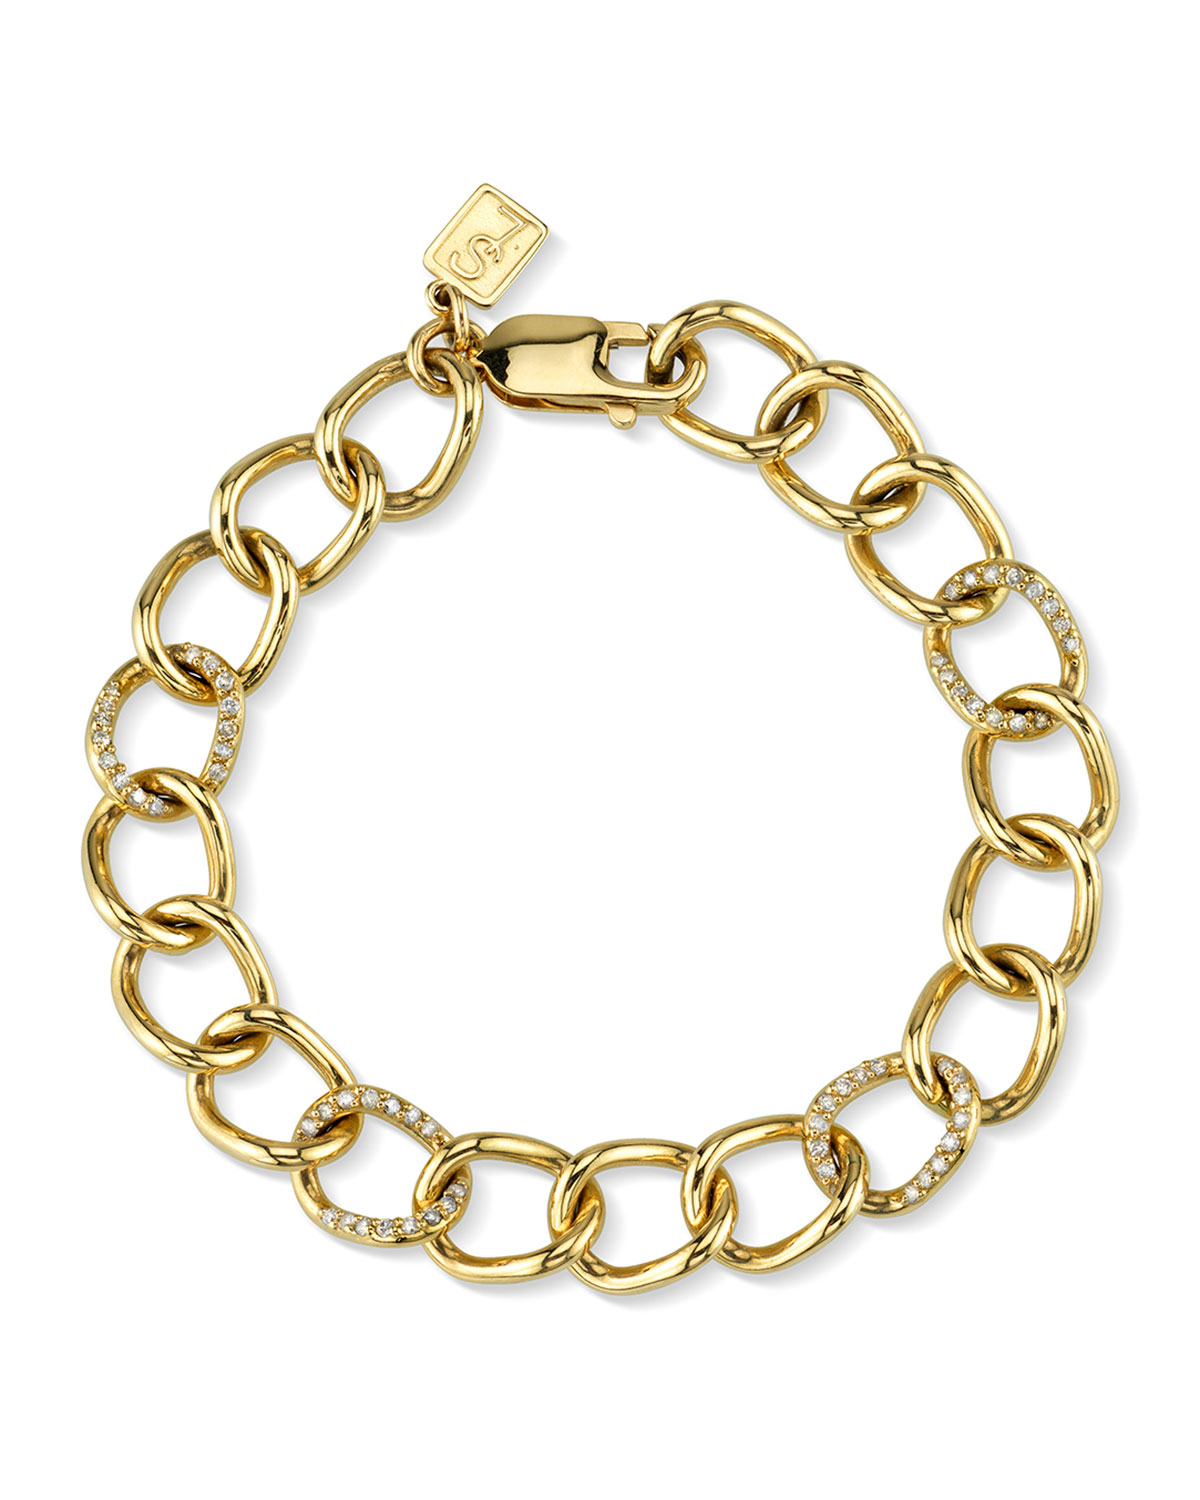 14K GOLD DIAMOND LINK BRACELET